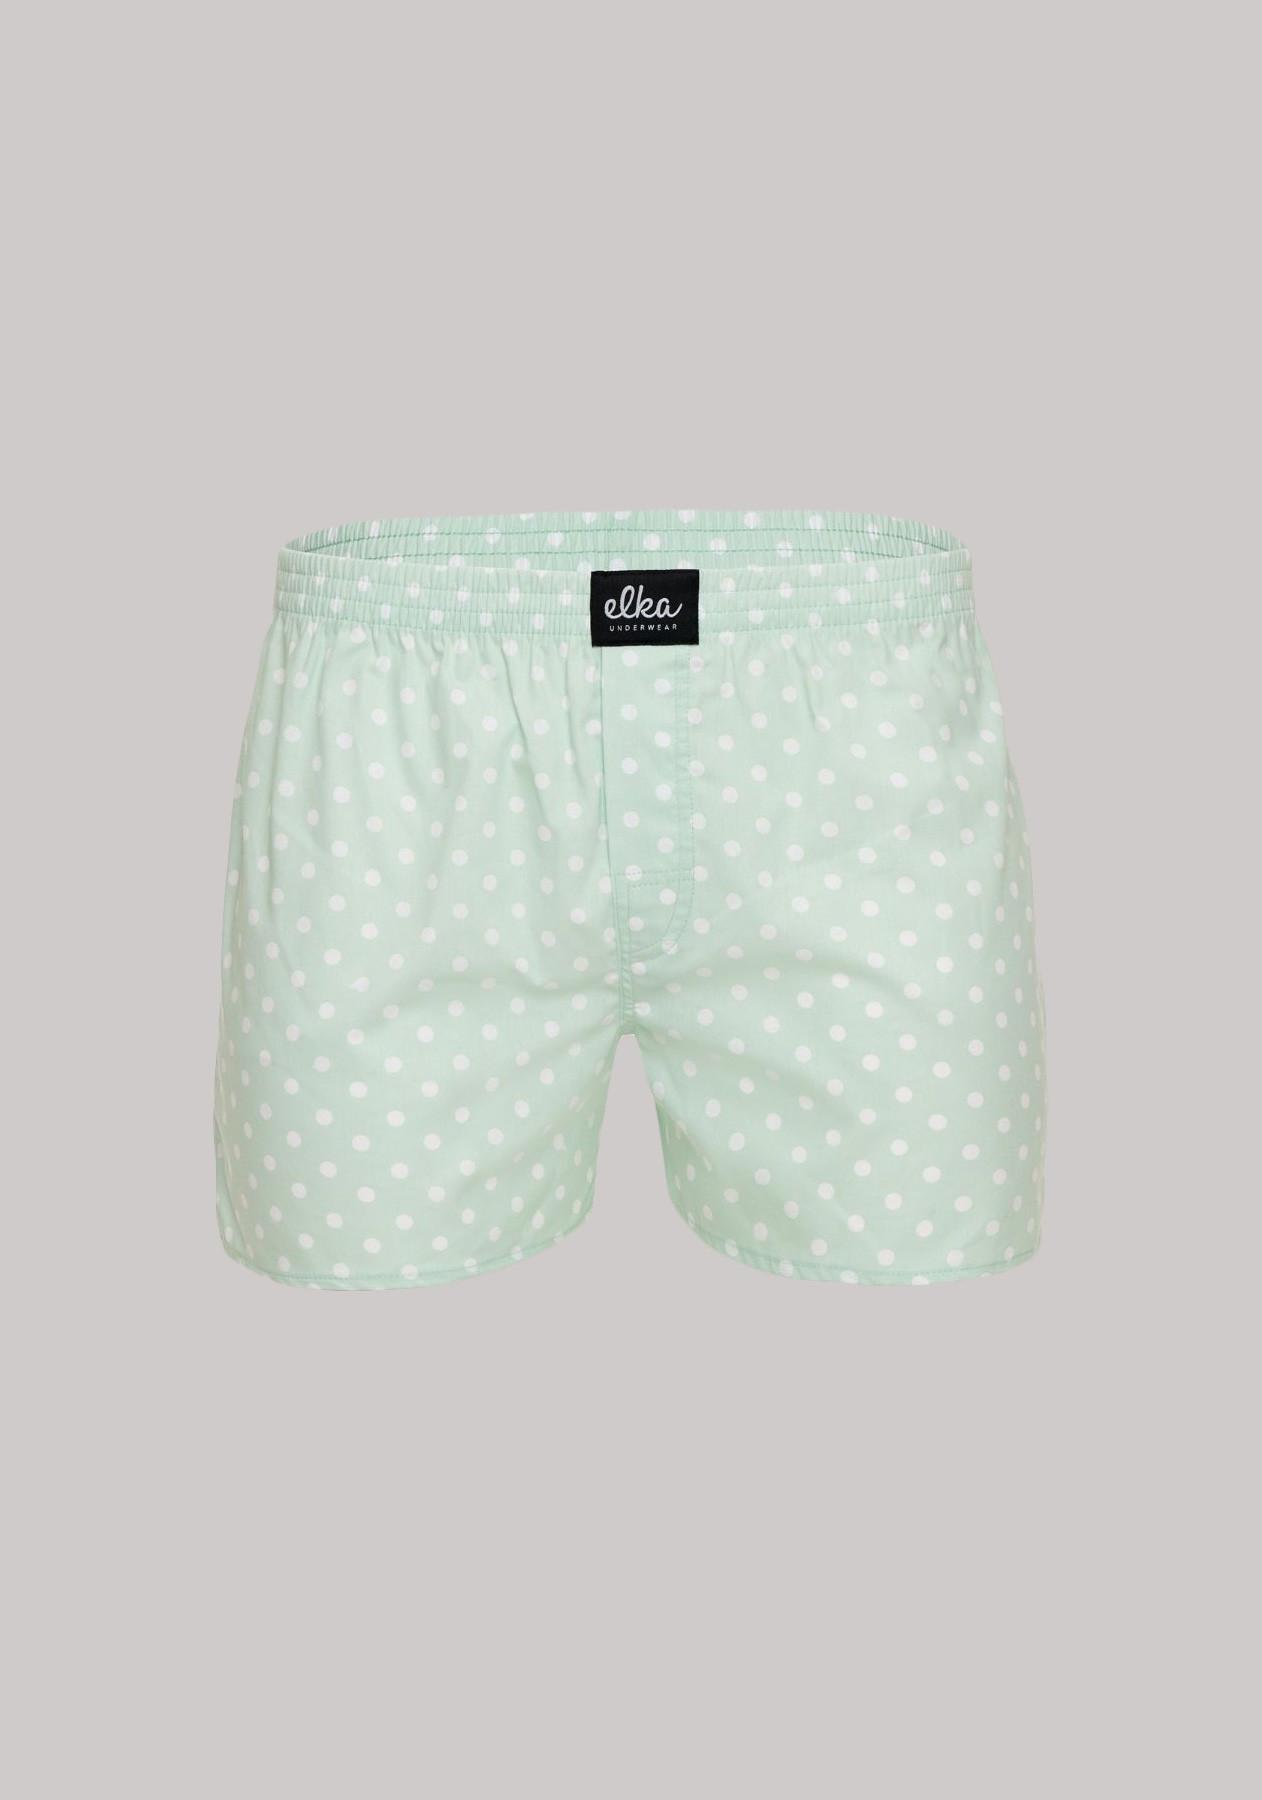 Men-boxershorts-ELKA-Lounge-P0058-1